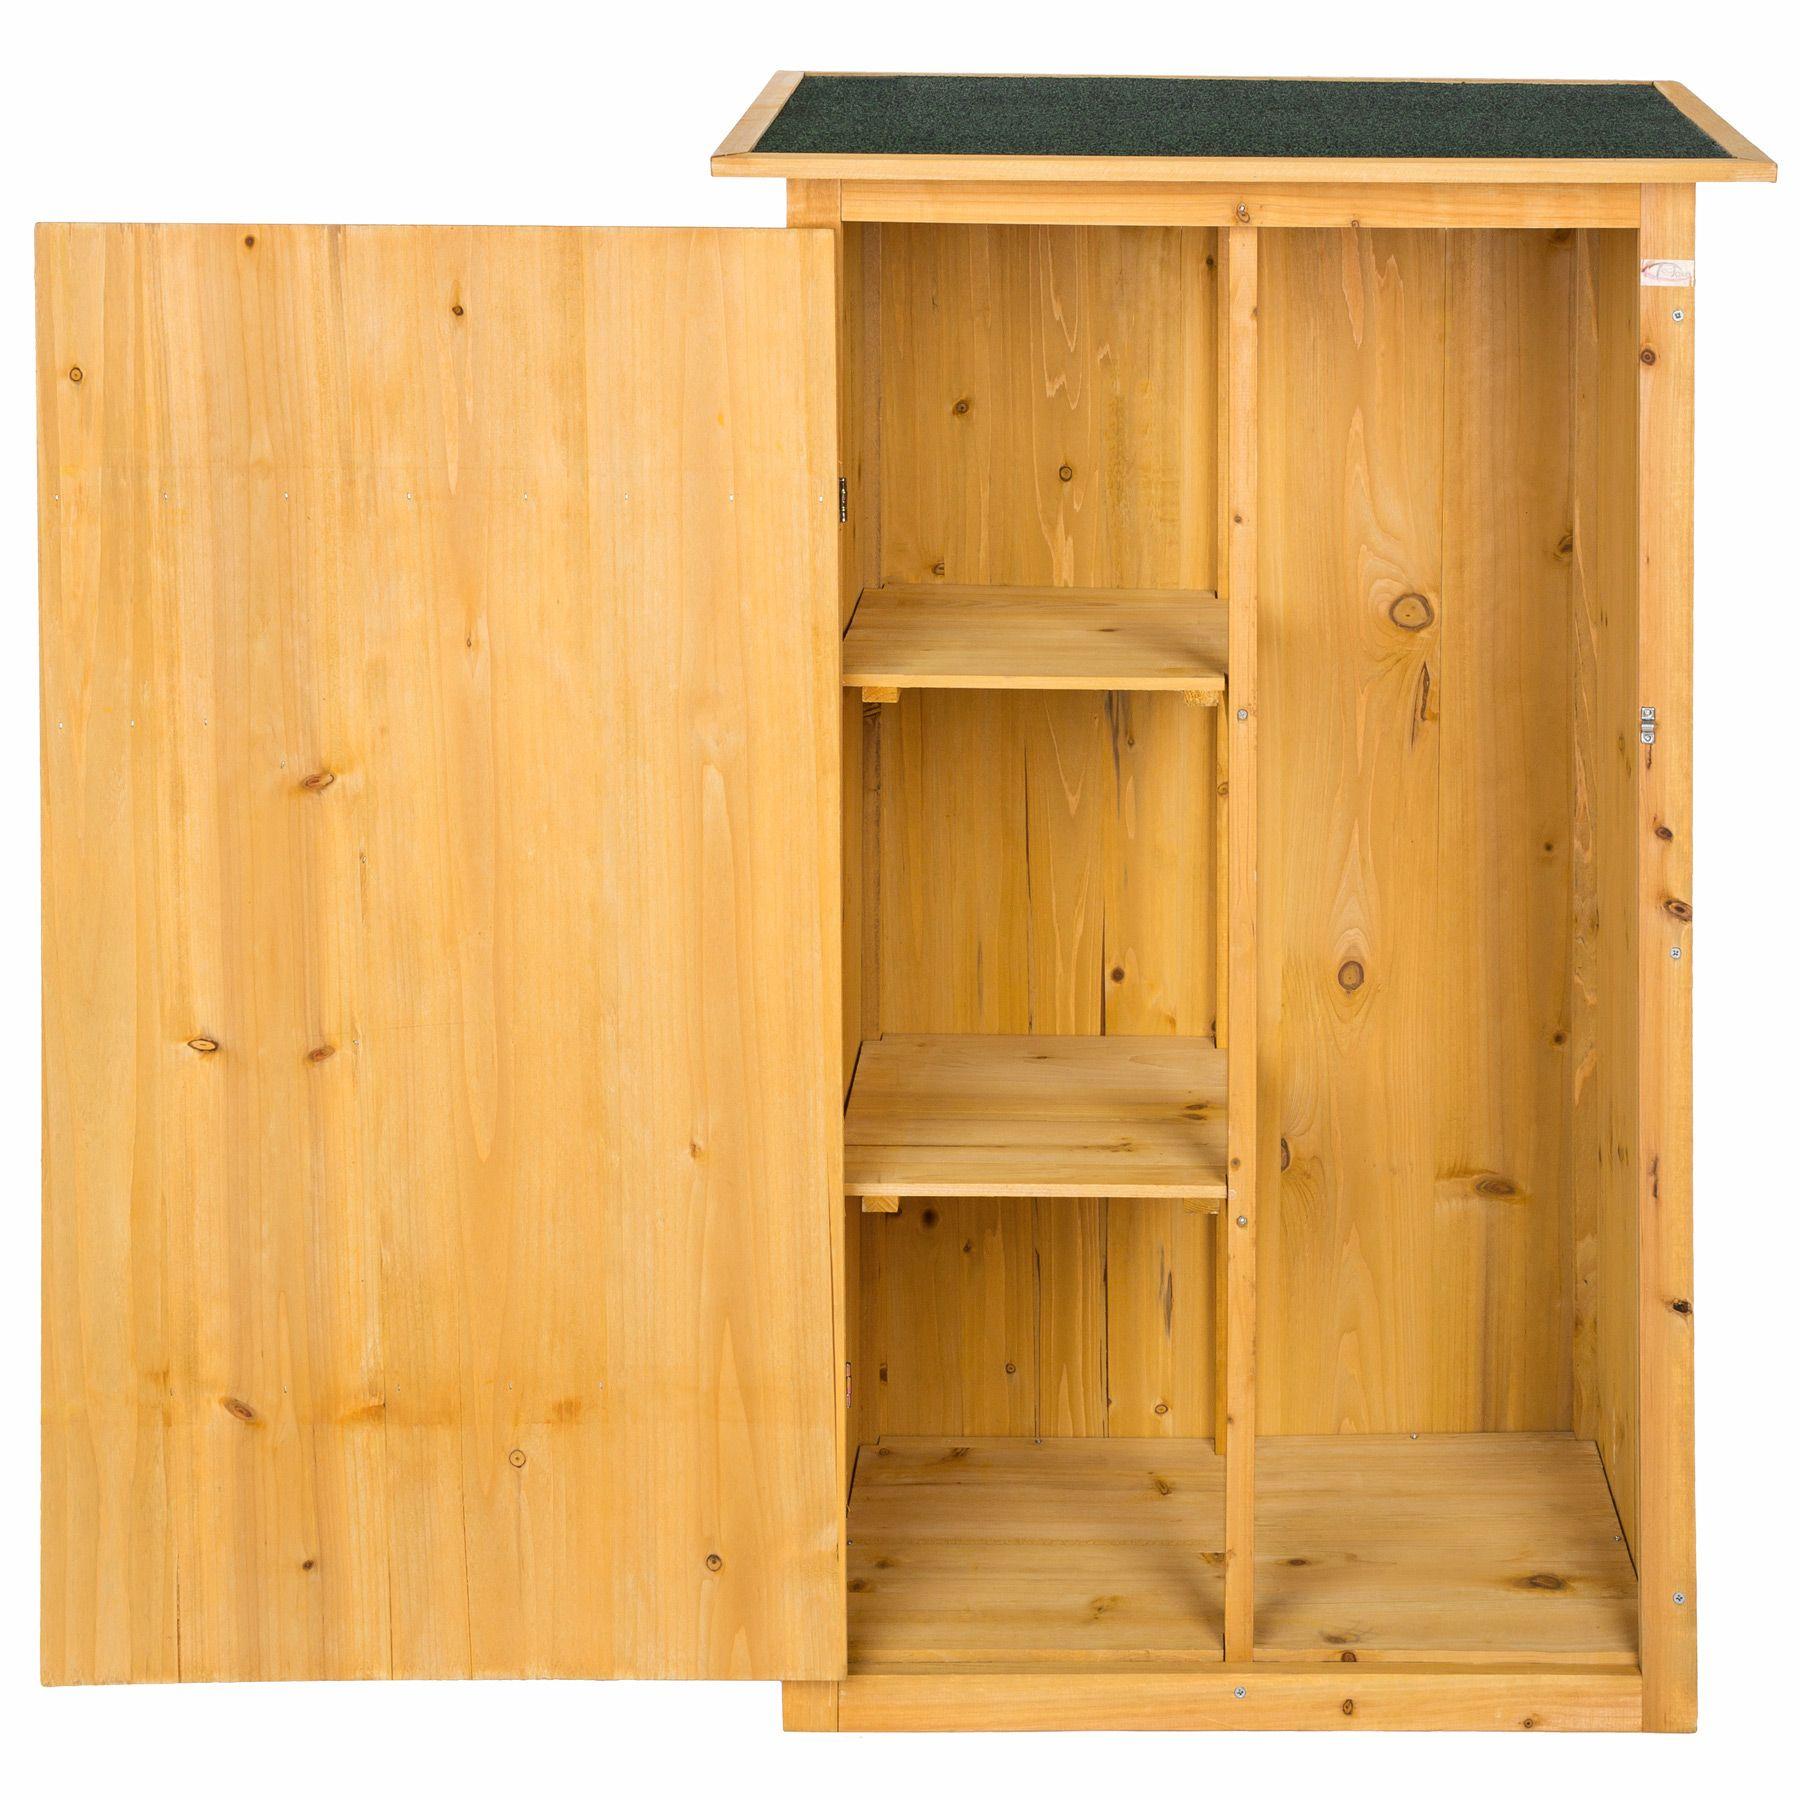 Armoire de jardin remise pour outils abri atelier bois toit plat coffre cabane ebay - Outil pour deplacer meuble ...